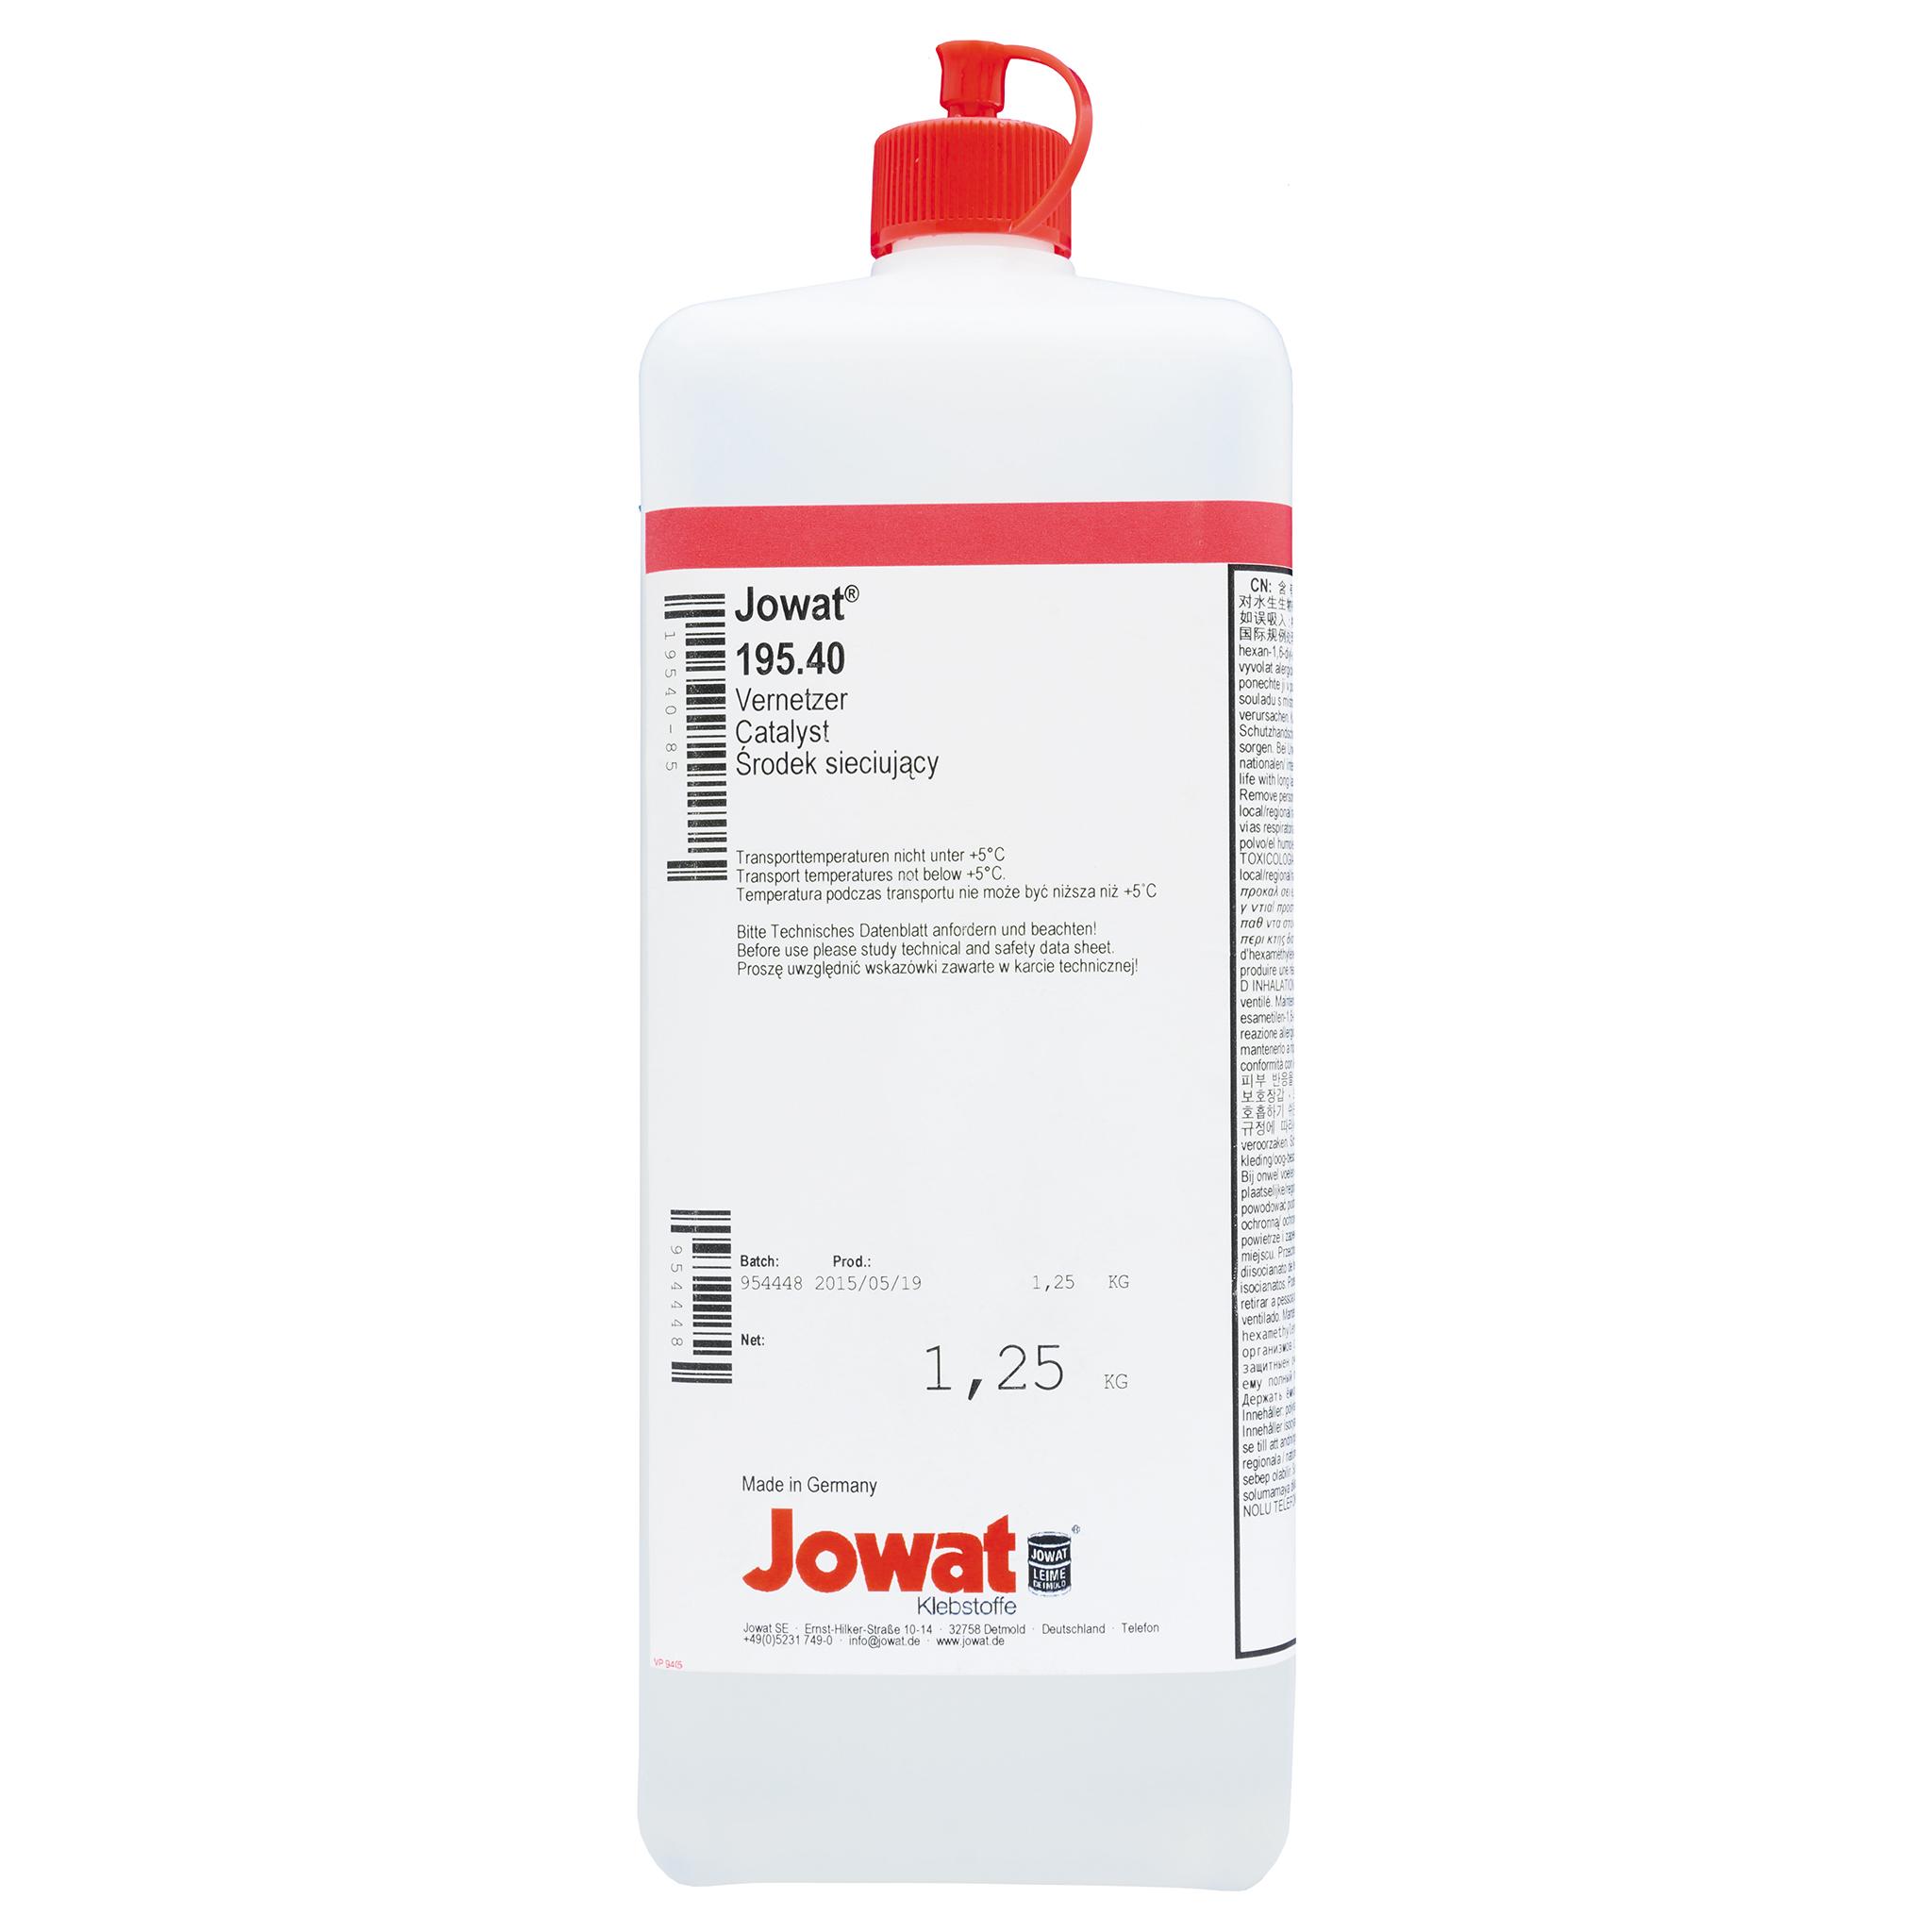 JOWAT 195.40 - Durcisseur